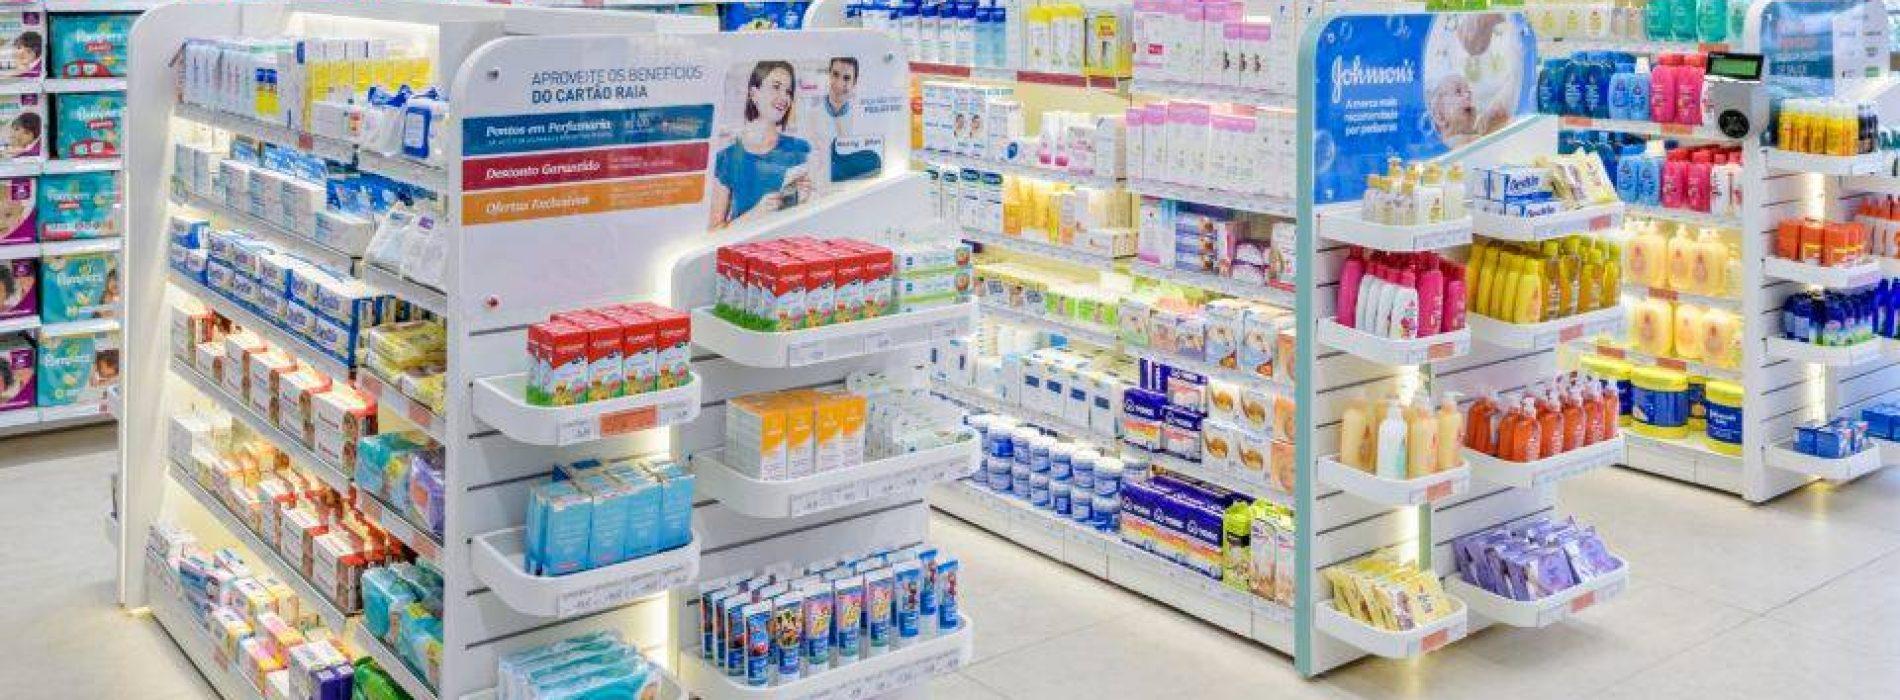 Varejo farmacêutico tem faturamento de R$ 110,08 bilhões